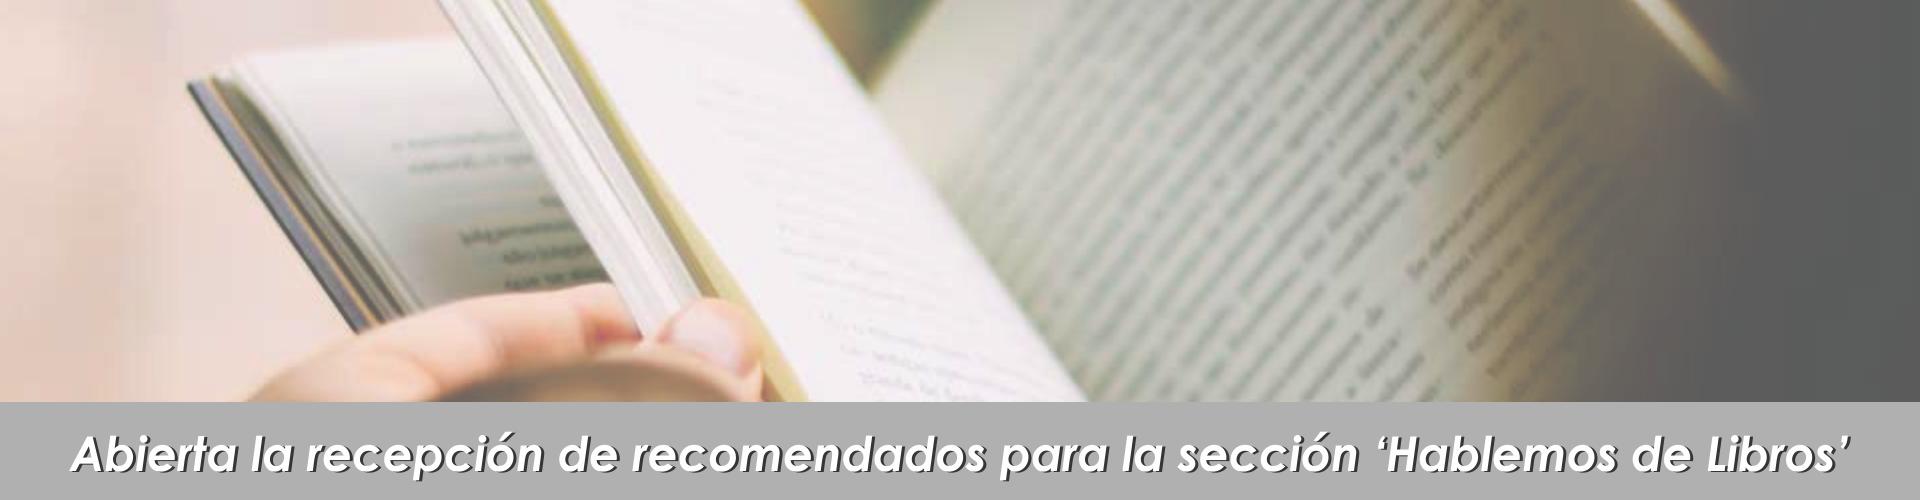 libros-pagina-web